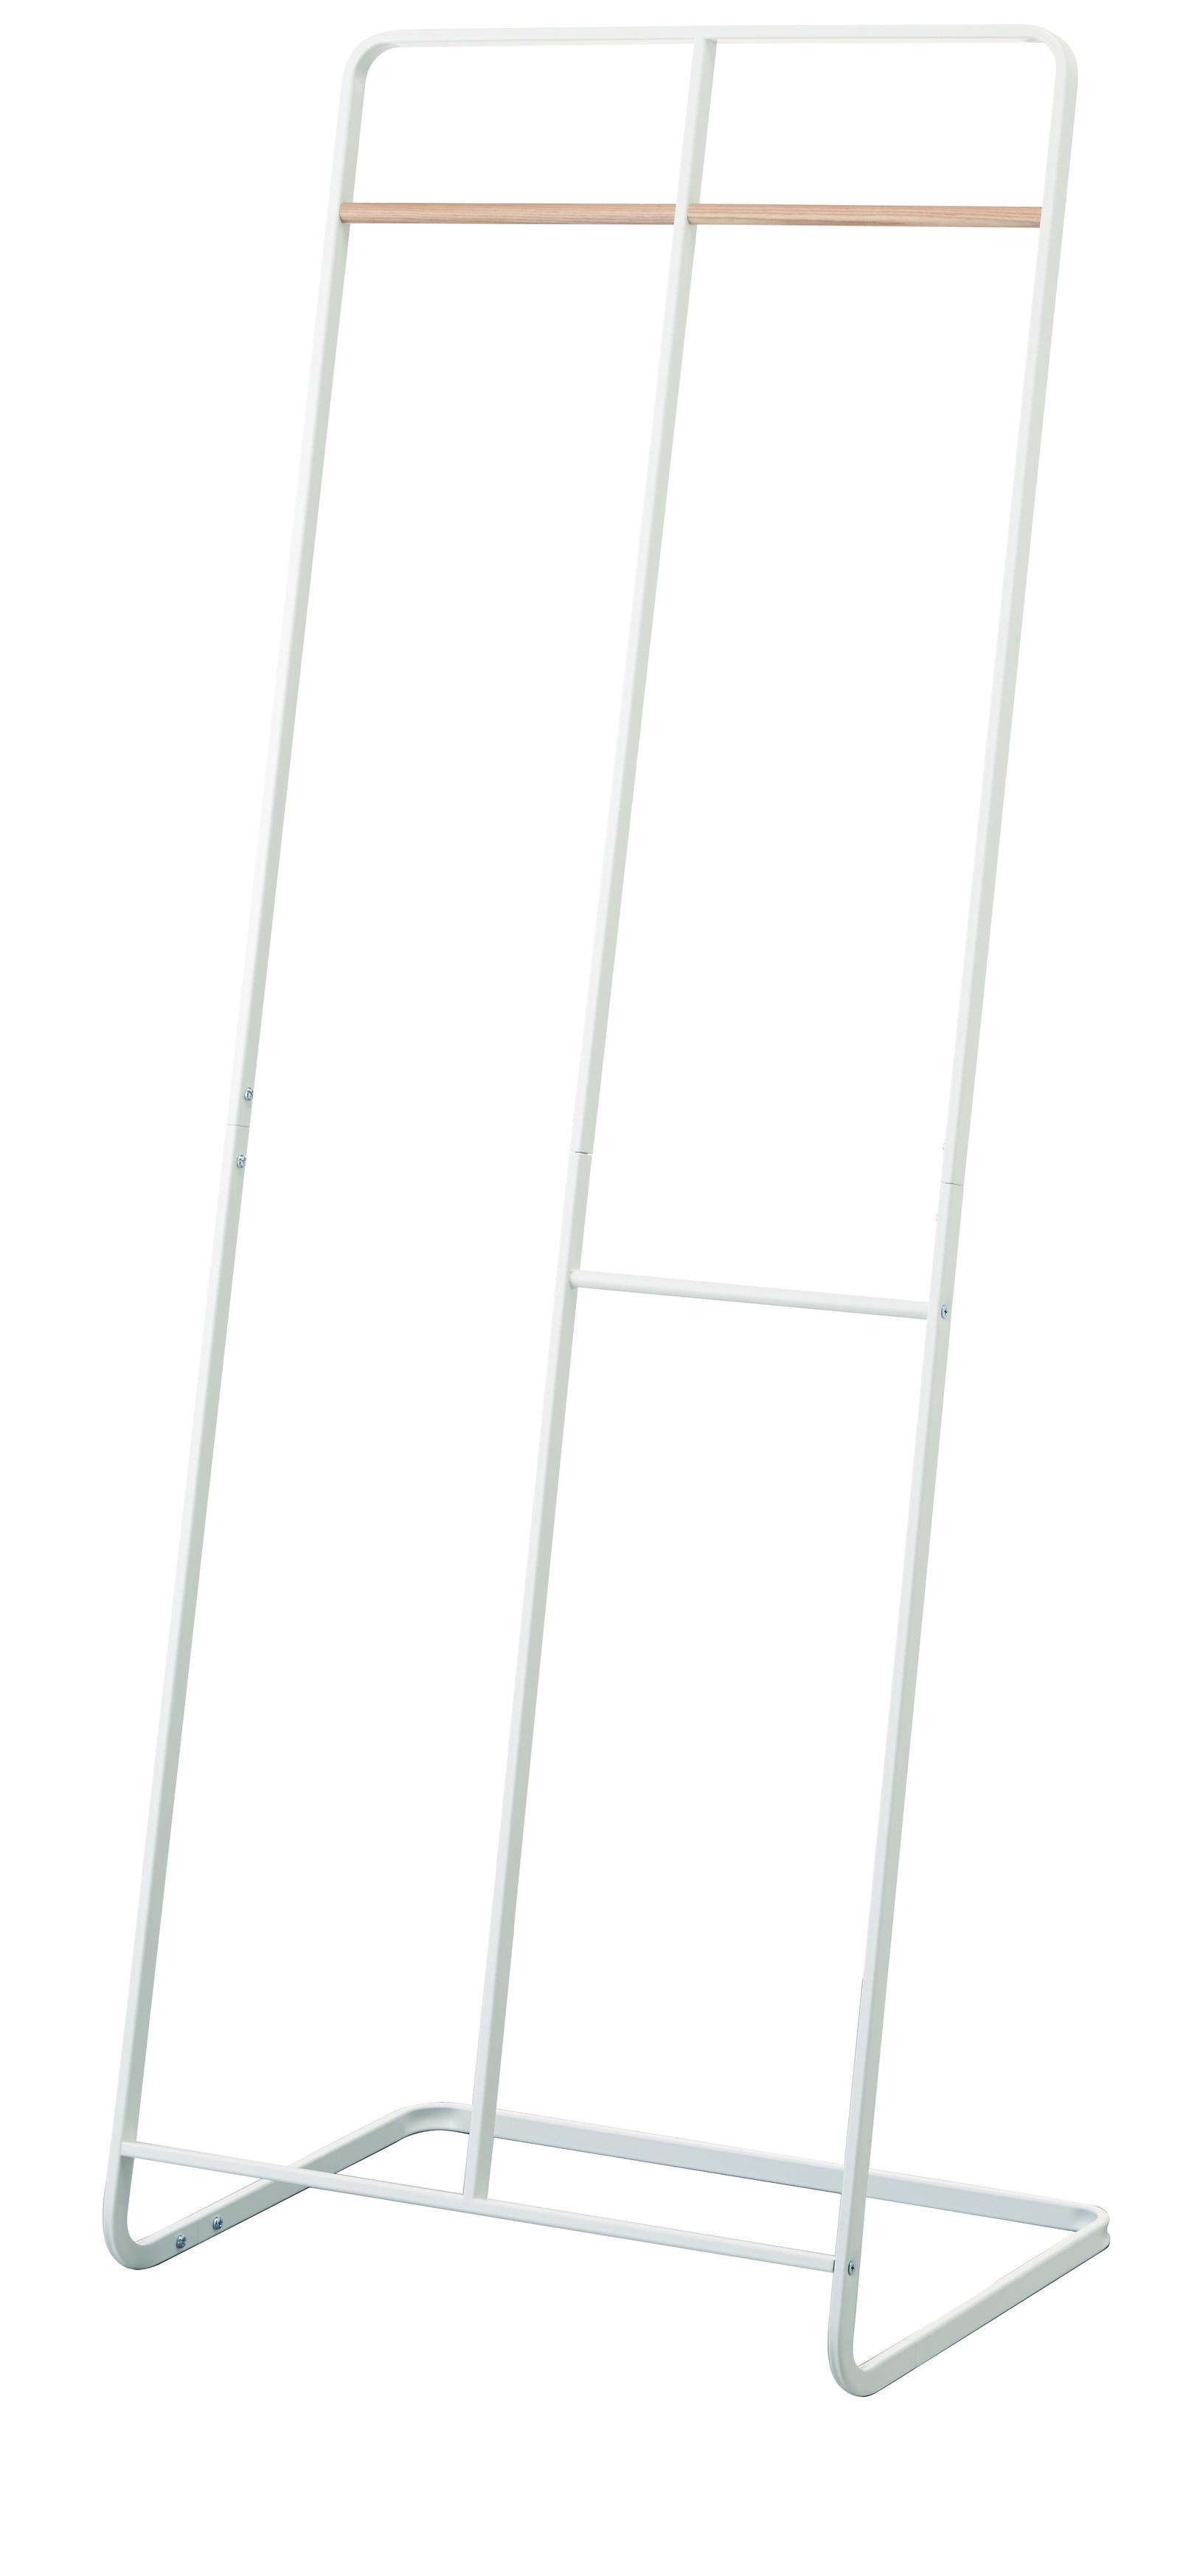 Вешалка напольная Yamazaki TOWER COAT HANGER WIDE, белый2738Материал: Сталь, дерево. Длина 61, ширина 45, высота 163. Цвет: белый.